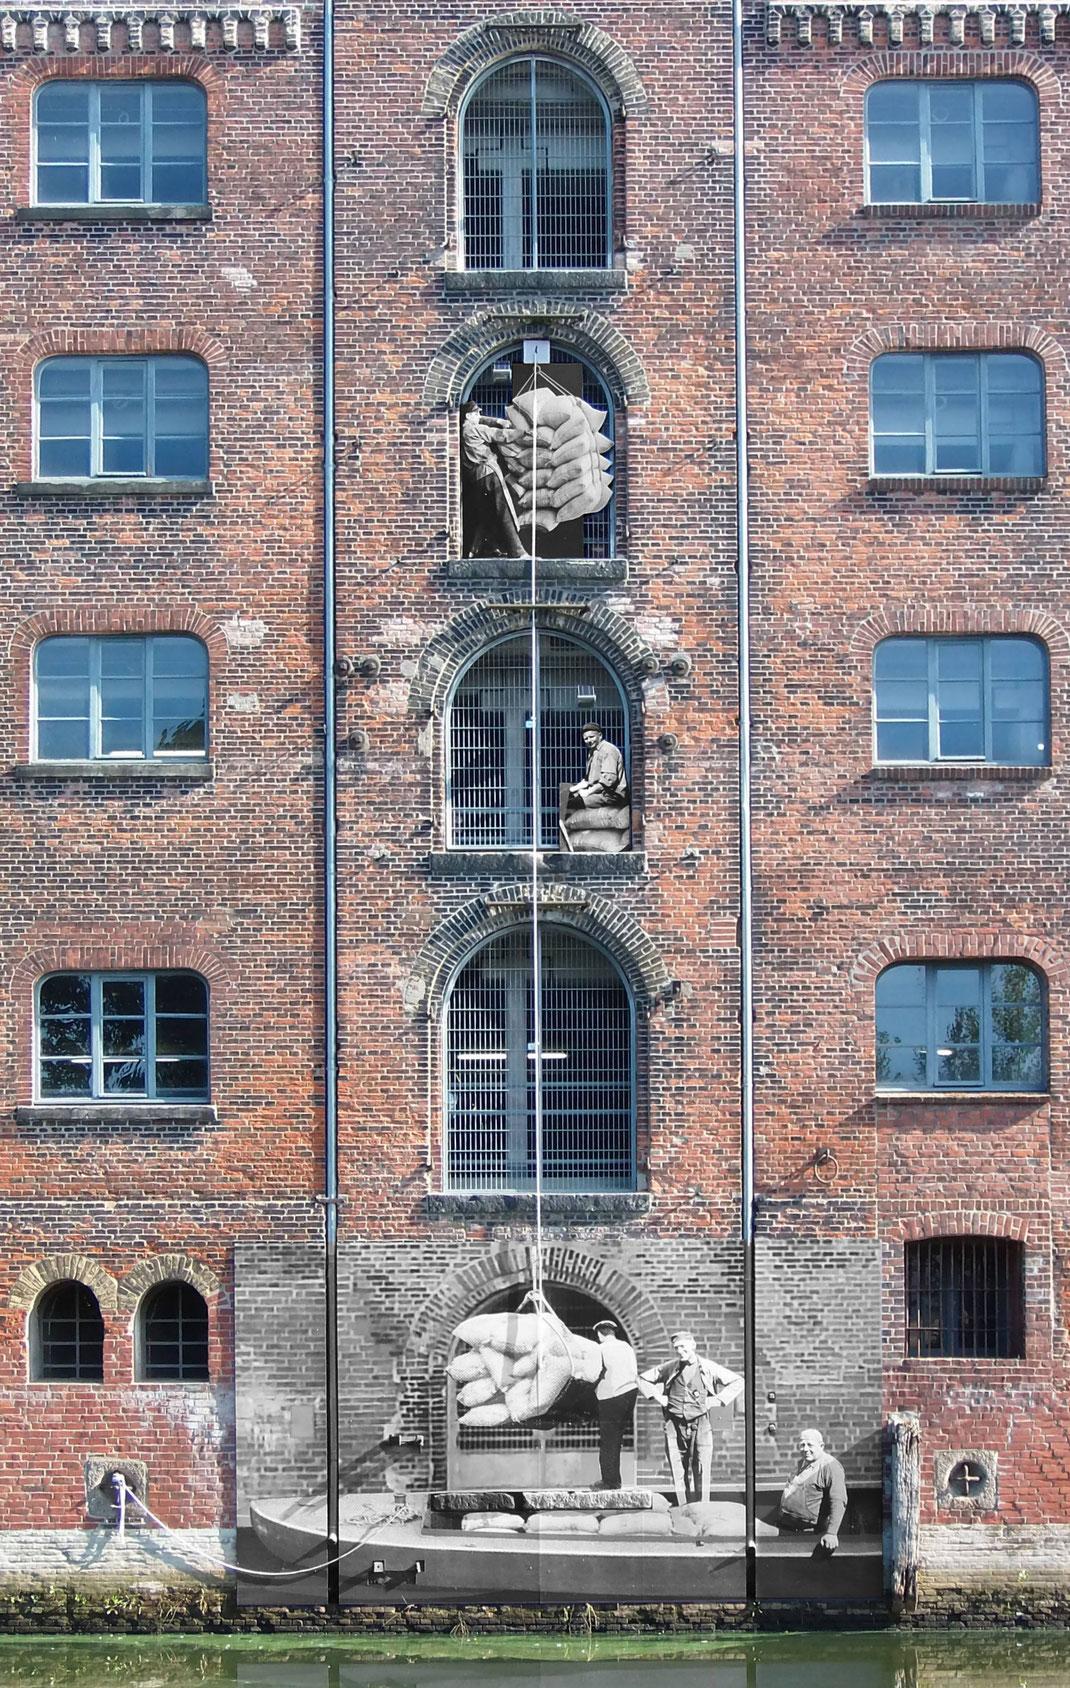 Historische Fotografien bringen das Baudenkmal zum Sprechen